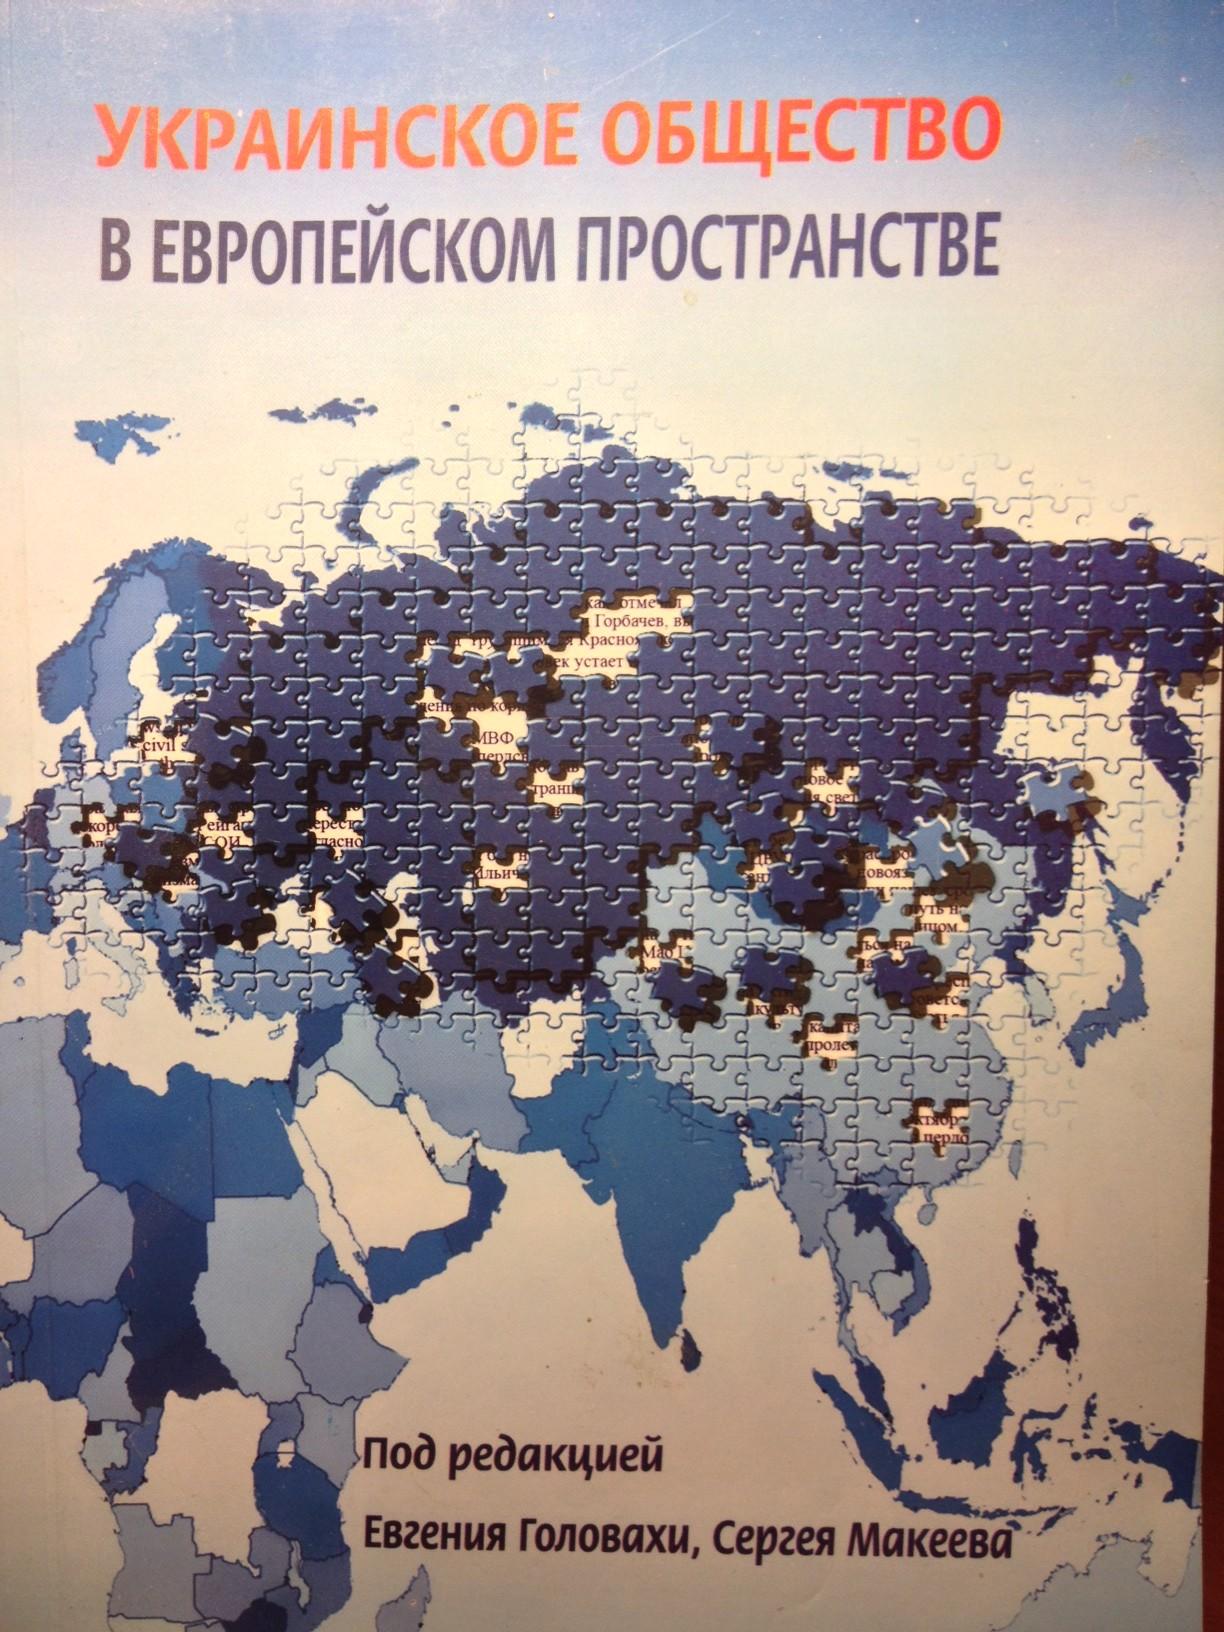 Жизненные ценности населения: сравнение Украины с другими европейскими странами